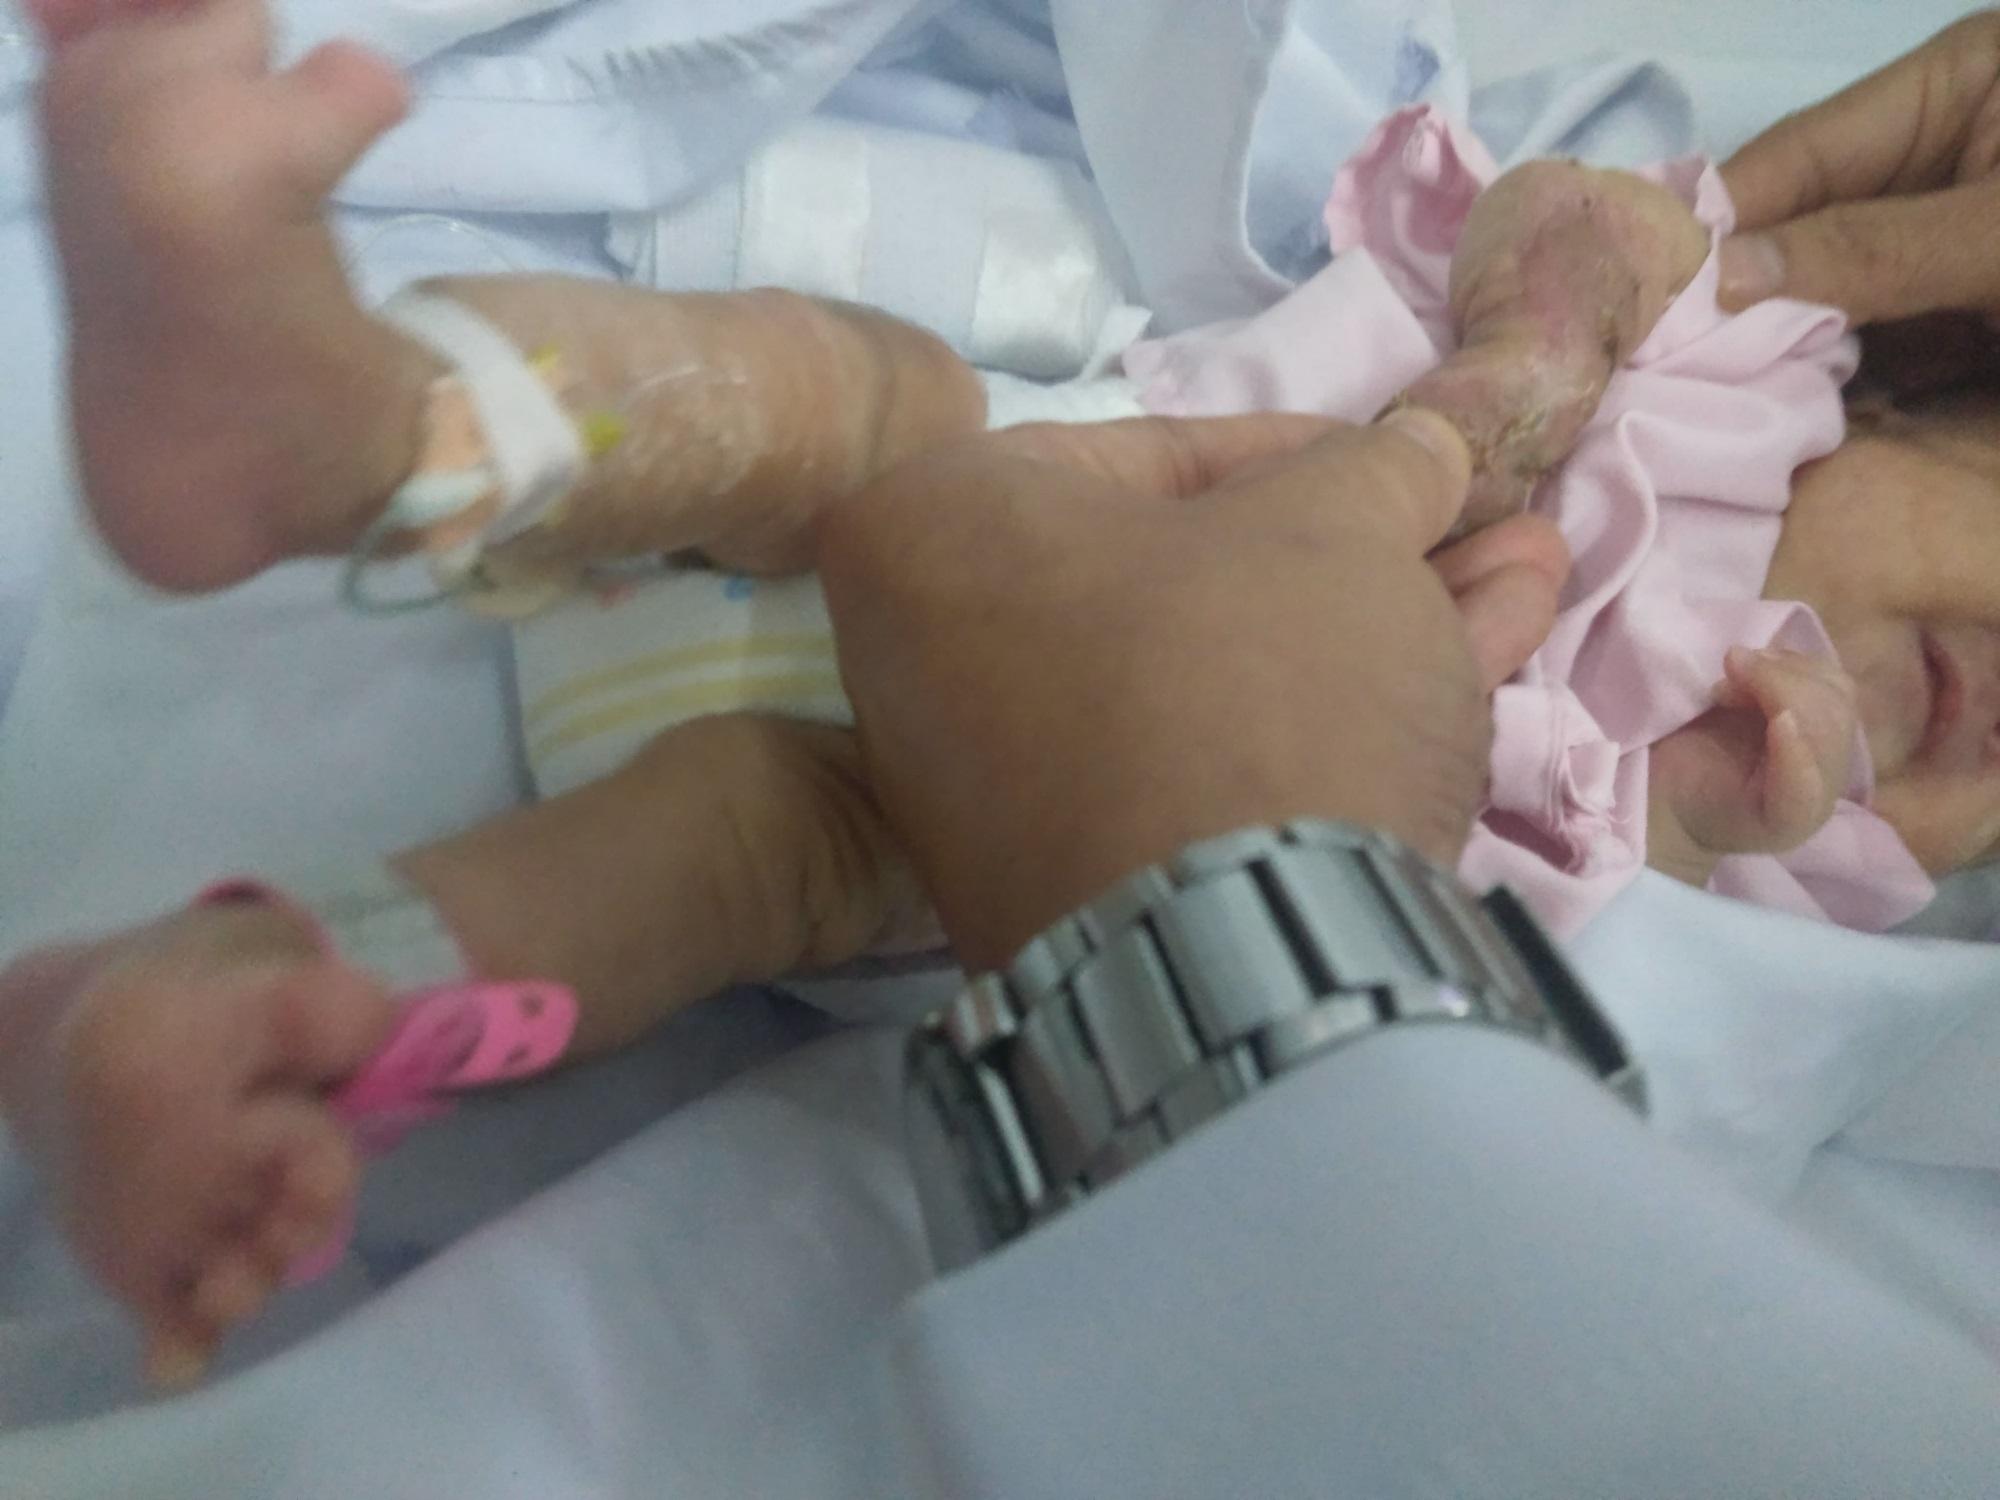 Cứu cánh tay cho bé sinh non bị hoại tử do tắc mạch máu, nhiễm trùng huyết - Ảnh 2